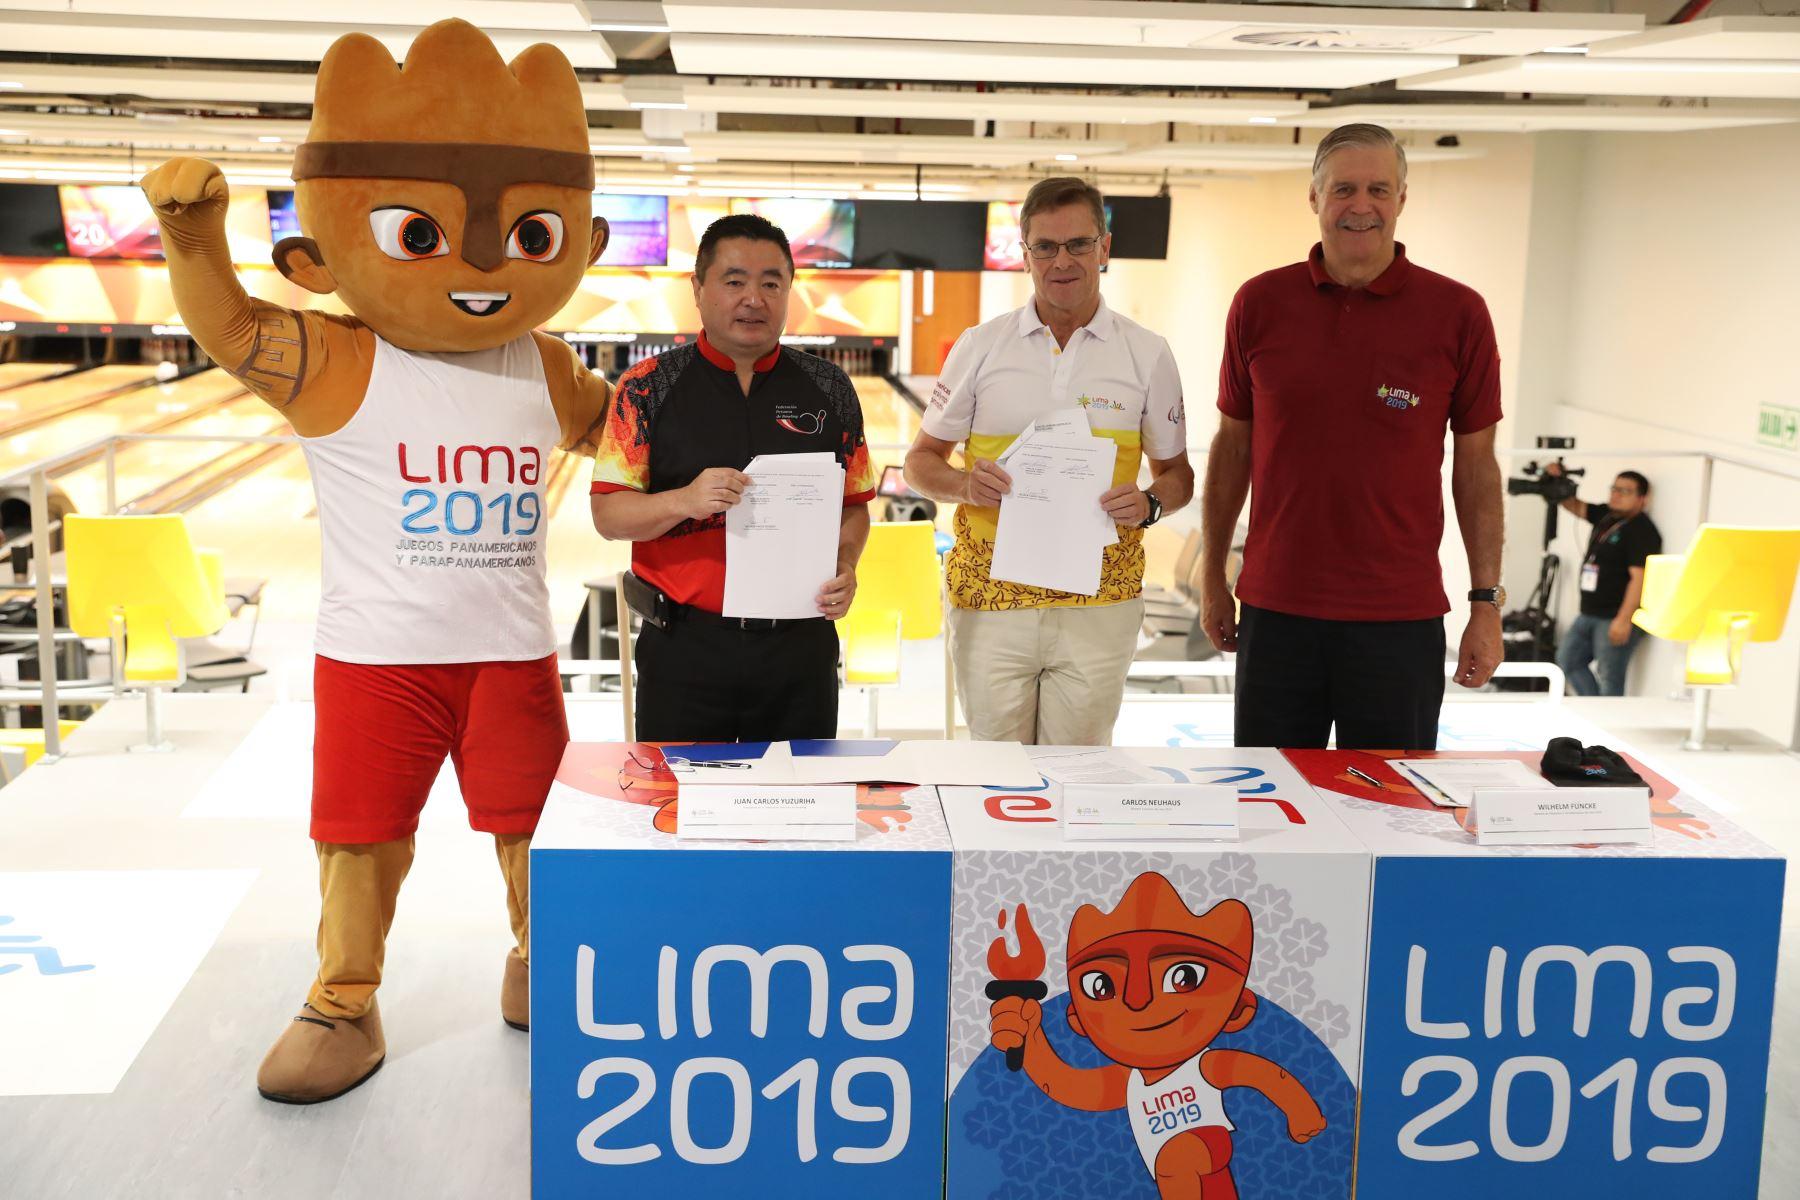 Lima 2019 cumple otro hito trascendental con la entrega del Bowling Center de la Videna a la Federación Peruana de Bowling. Foto: ANDINA/Melina Mejía